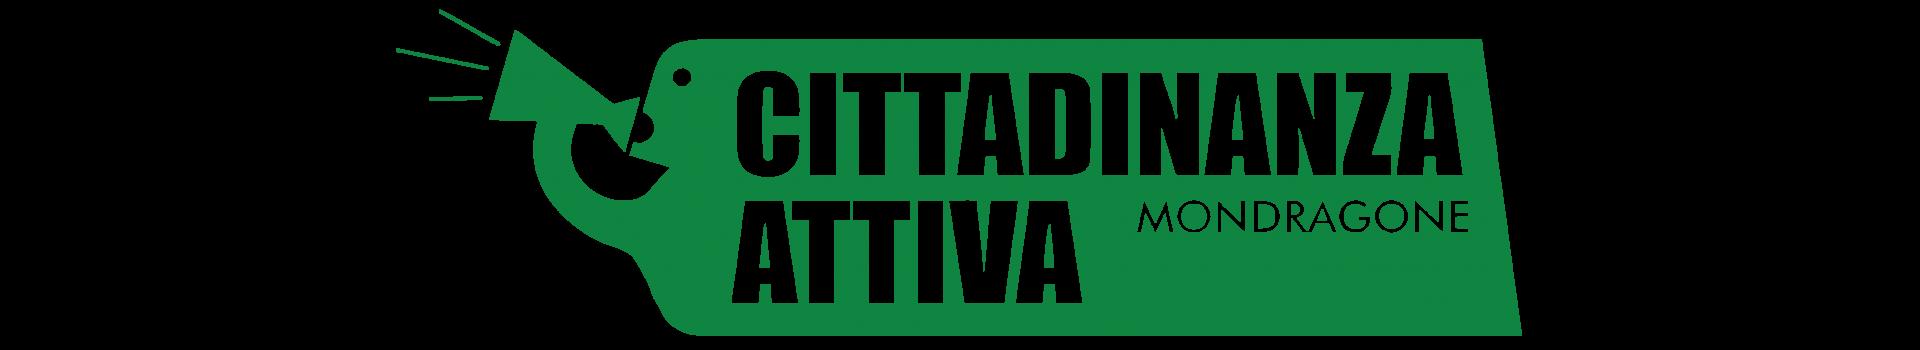 cittadinanza-attiva-mondragone